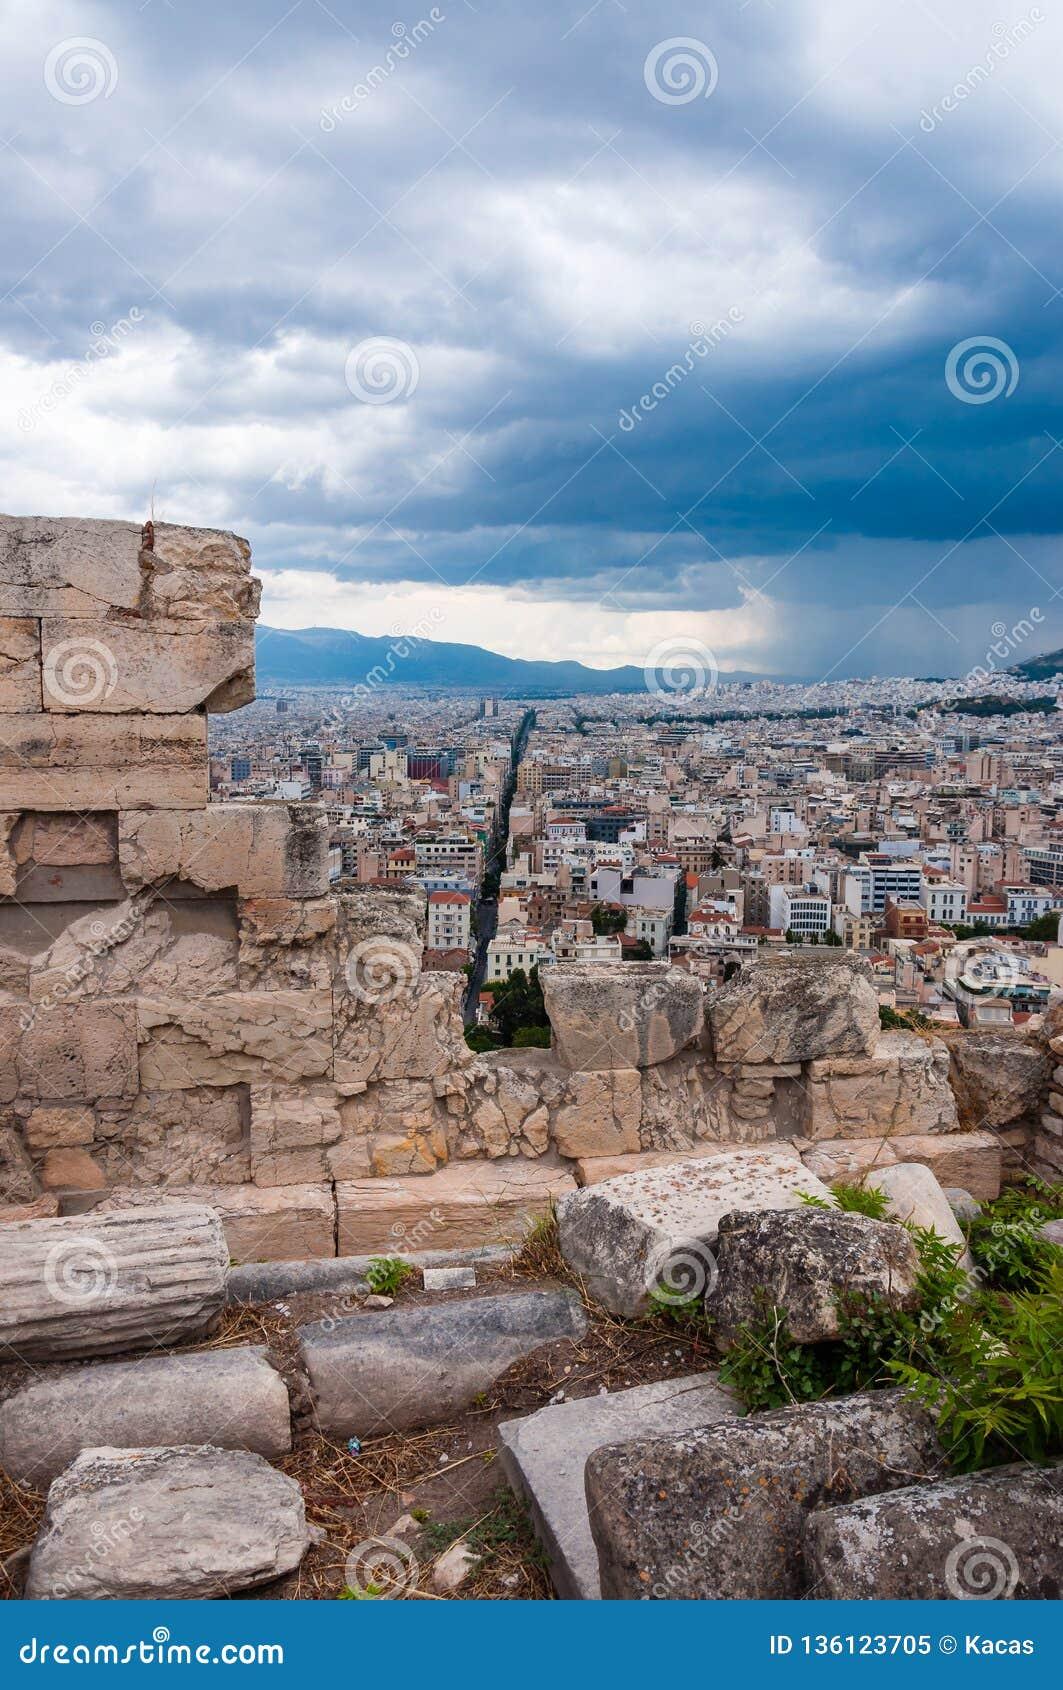 Πανοραμική άποψη εικονικής παράστασης πόλης σχετικά με την κύρια Αθήνα πόλη της Ελλάδας από το λόφο ακρόπολη Άποψη μέσω των αρχαί